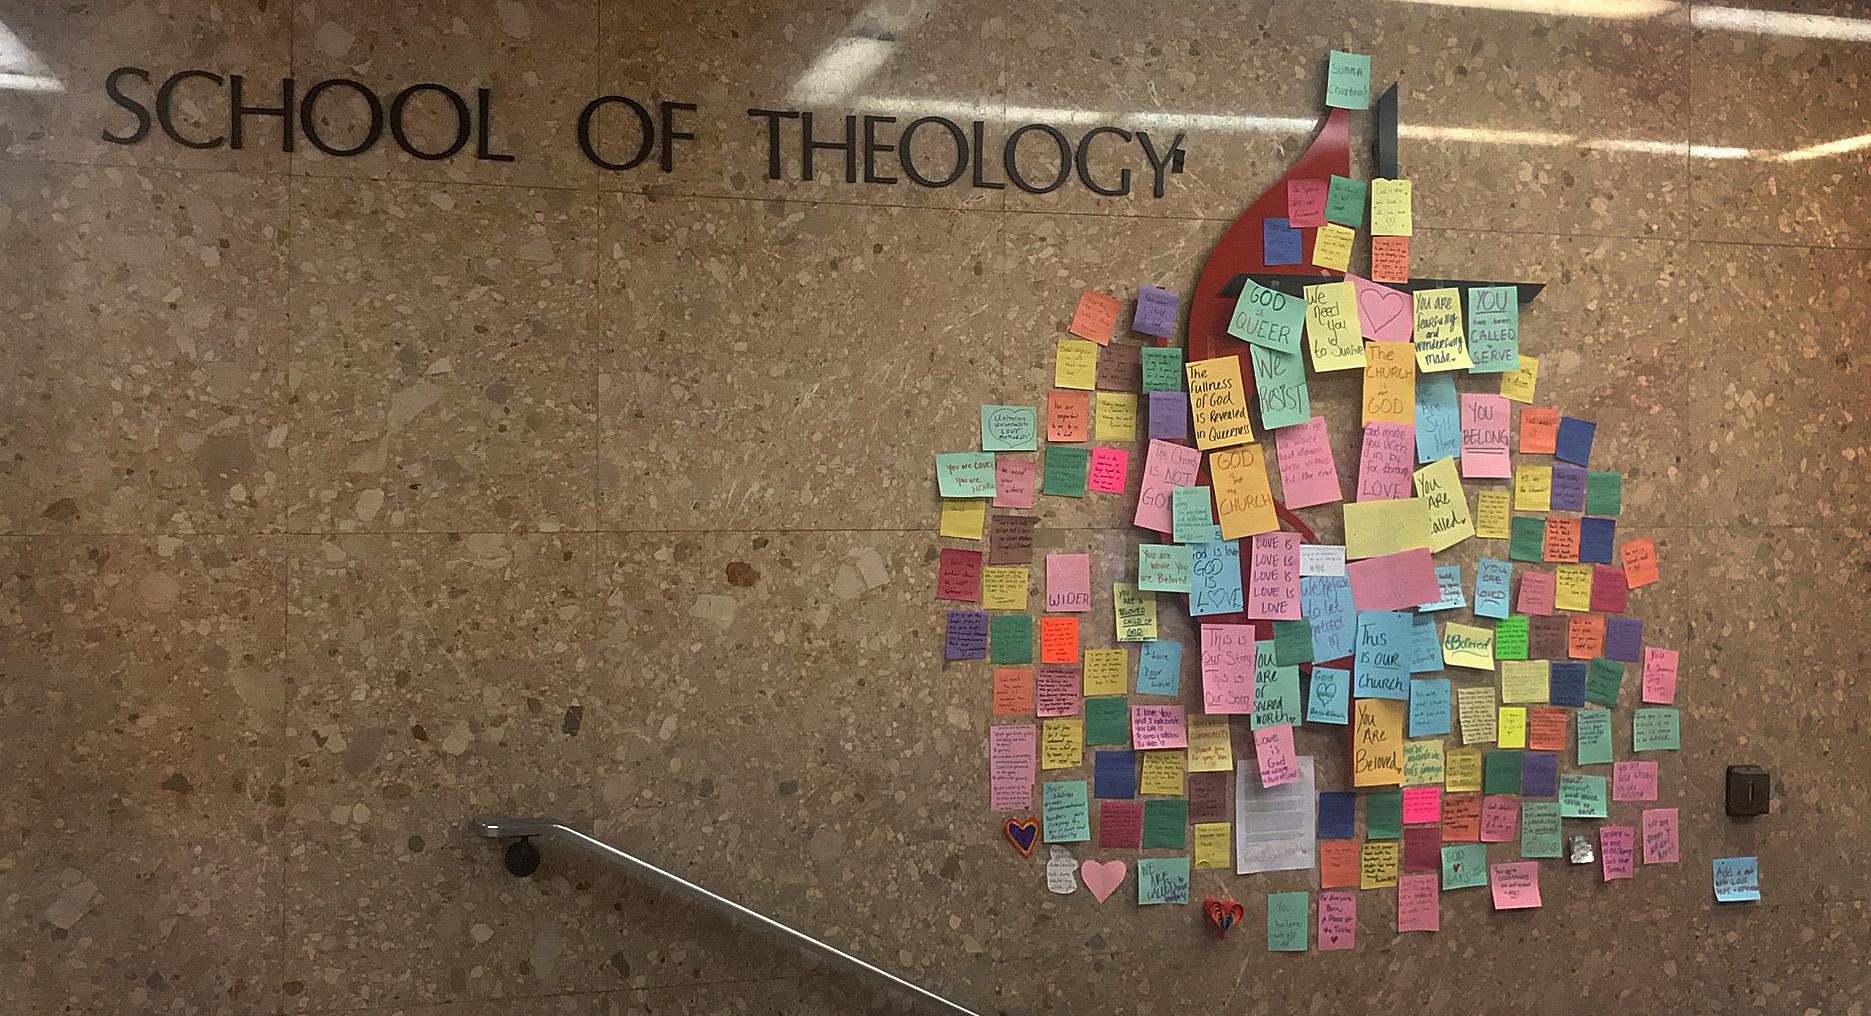 Los mensajes de apoyo a los/as estudiantes LGBTQ cubren la cruz y la llama metodista unida en un pasillo de la Escuela de Teología de Boston, después de que la Conferencia General Especial votara para ratificar y fortalecer las reglas de la denominación contra el clero gay y las bodas entre personas del mismo sexo. Foto por Anastasia Kidd, Escuela de Teología de Boston.